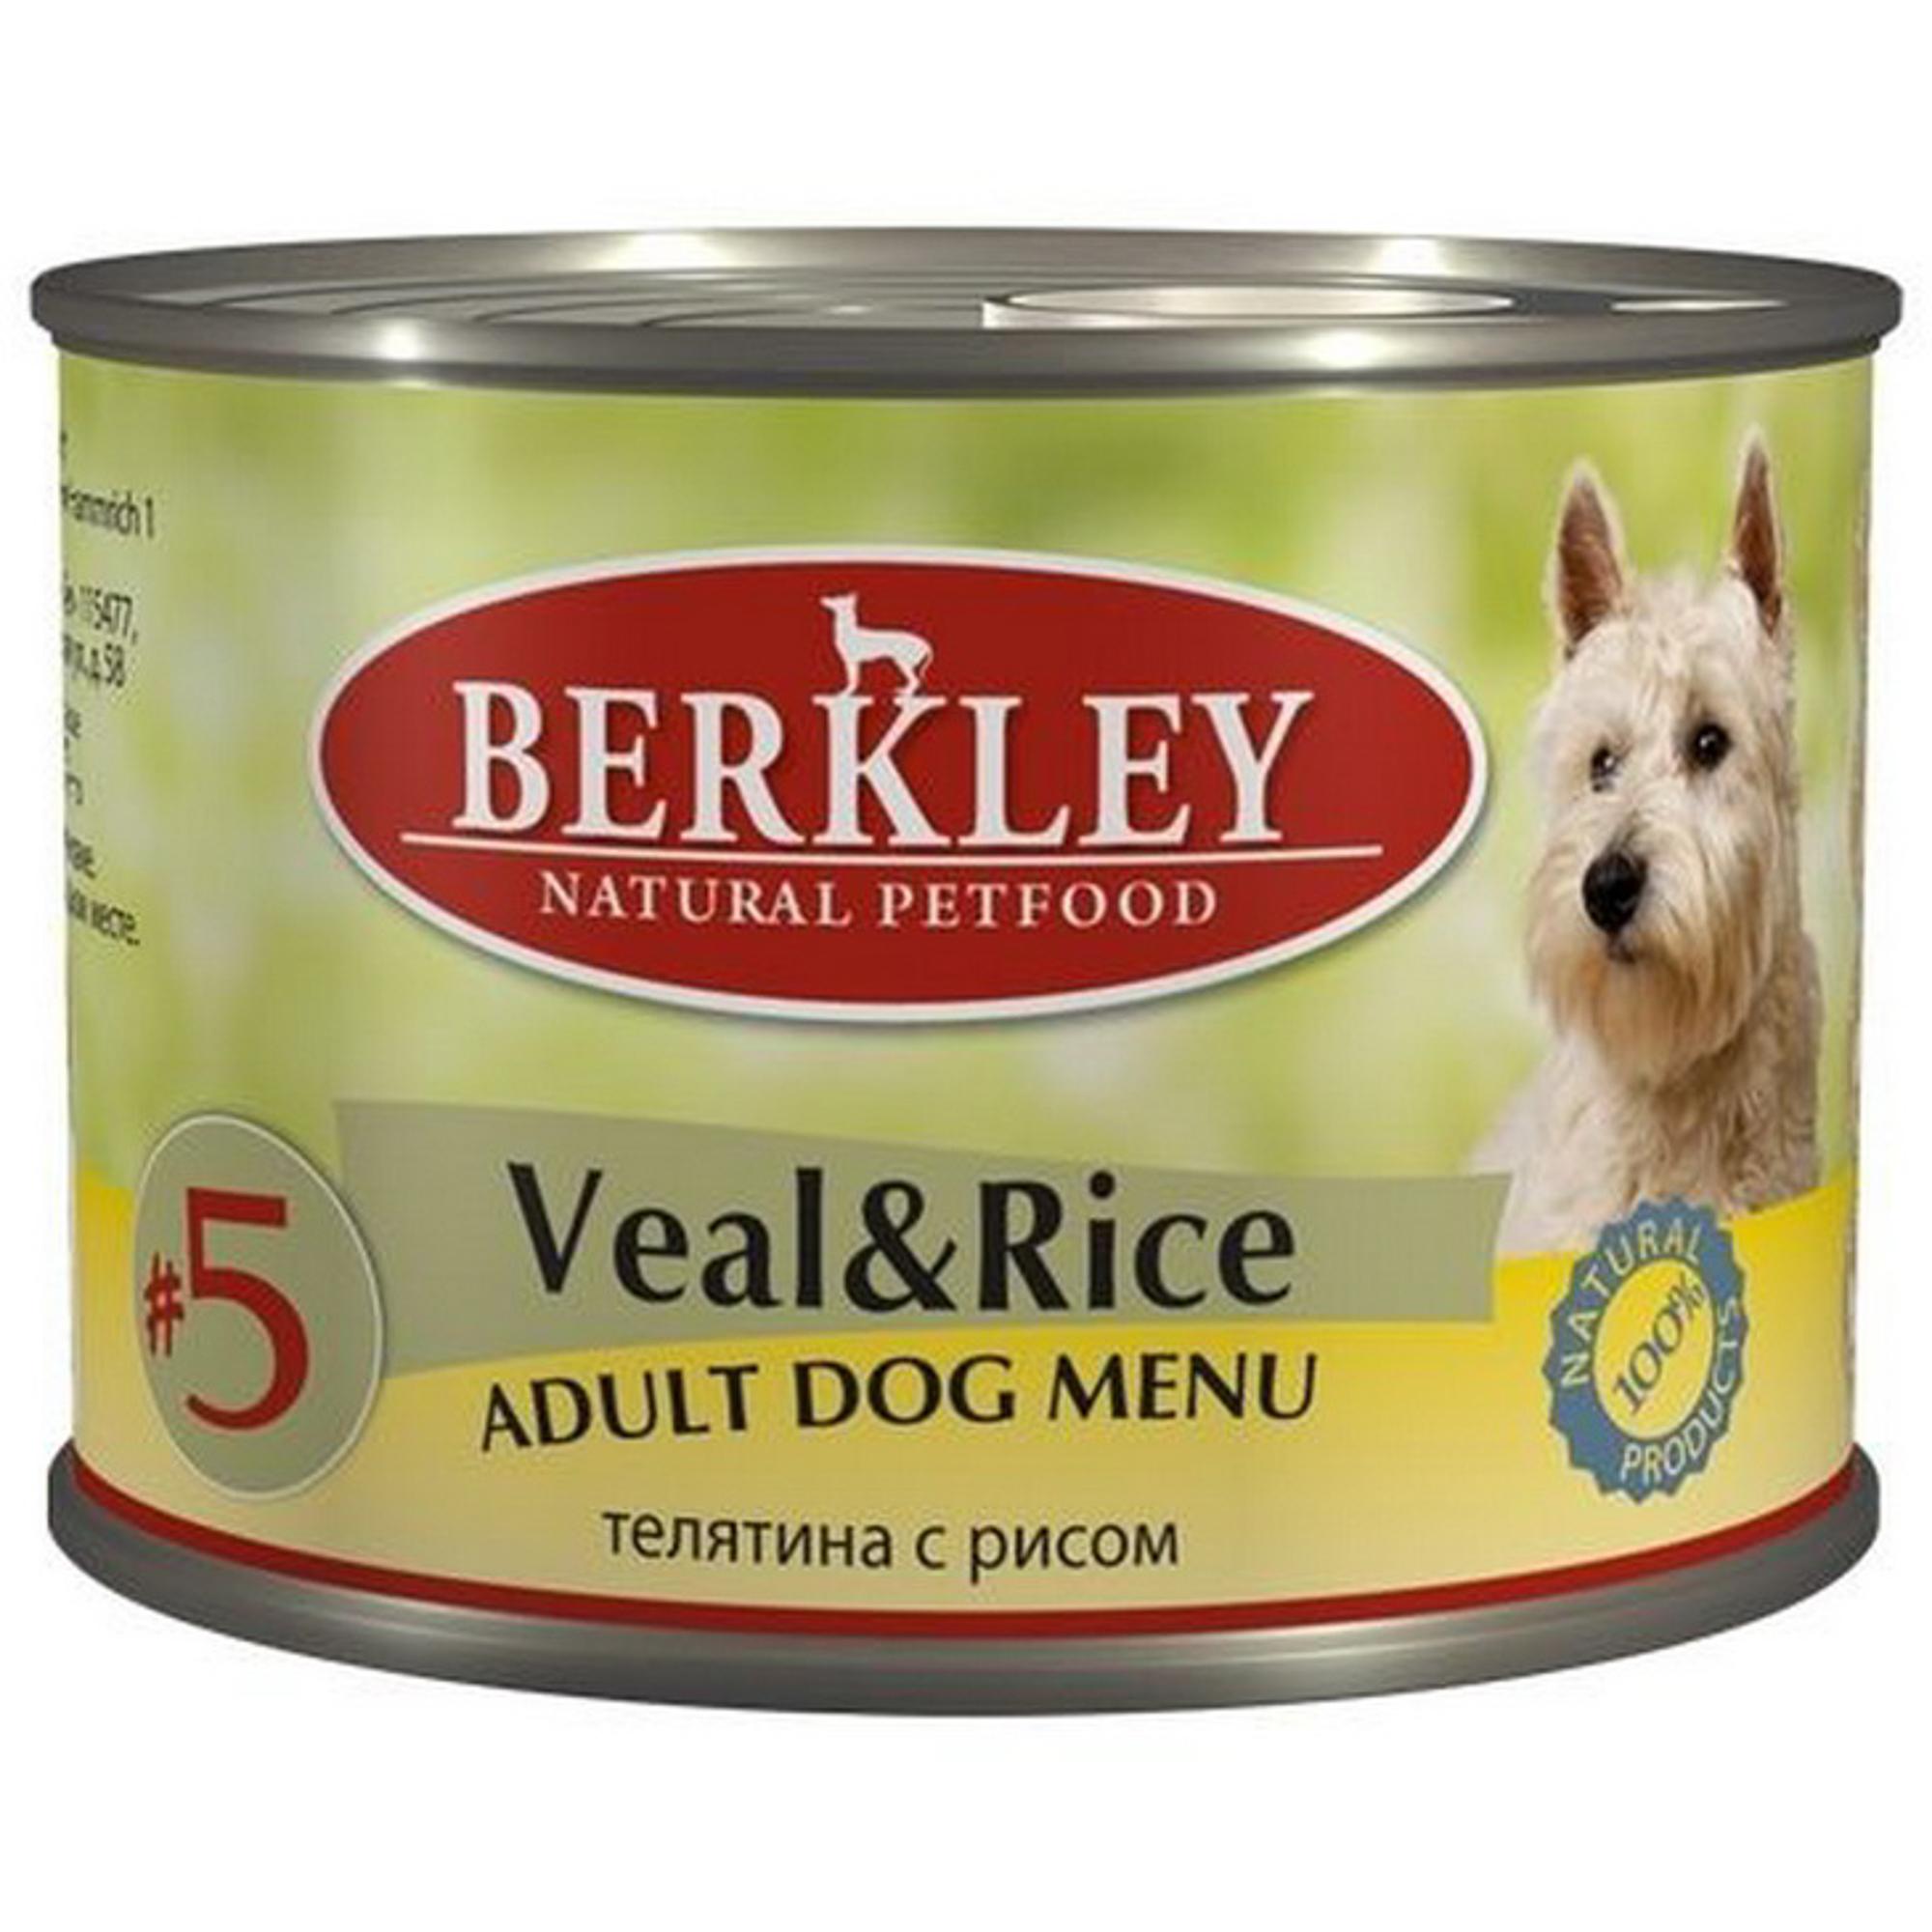 Корм для собак Berkley № 5 телятина с рисом 200 г фото